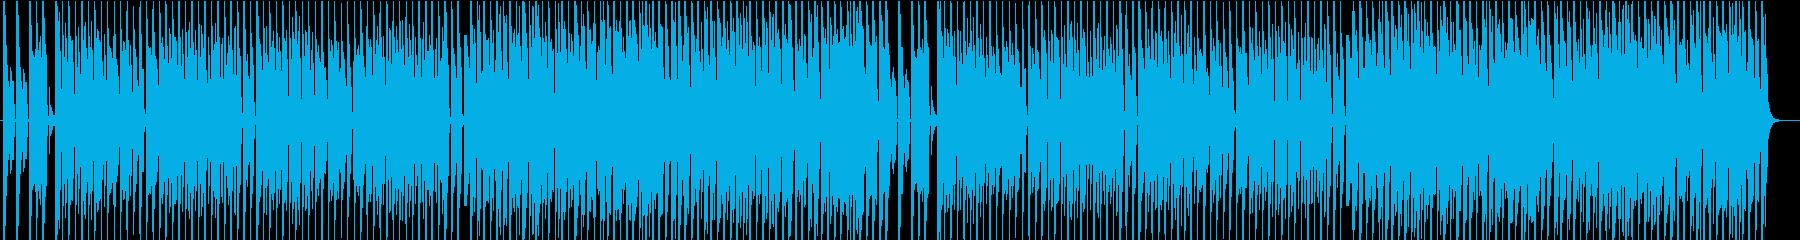 チープで可愛い 運動会の定番曲の再生済みの波形